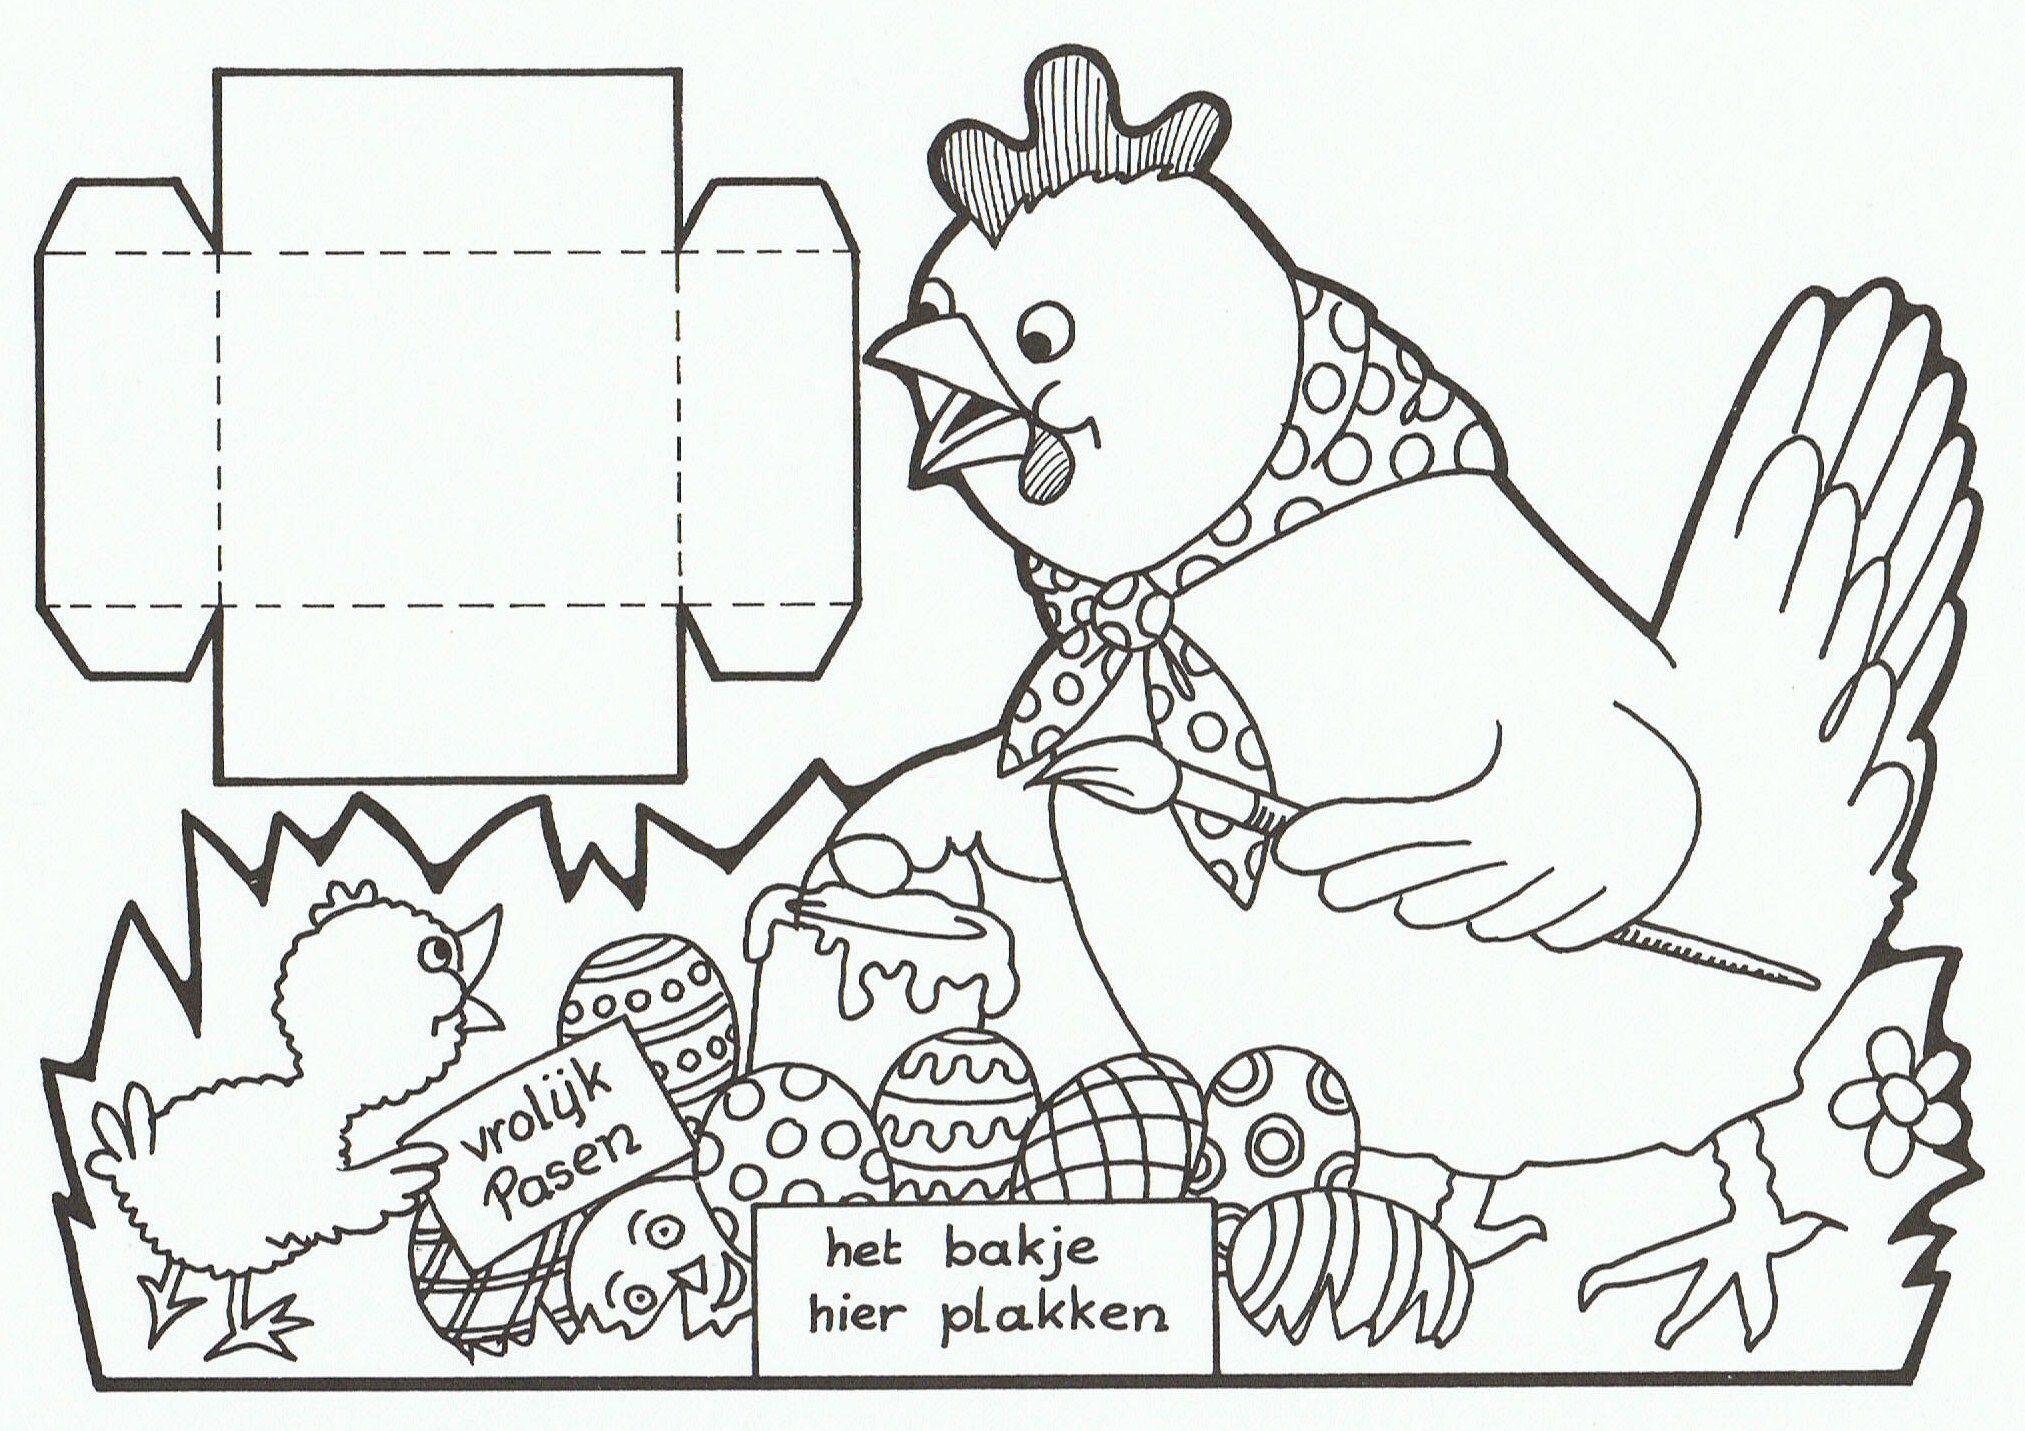 Pin Van Katrien Van Britsom Op My Coloring Pages Knutselen Pasen Pasen Knutselideeen